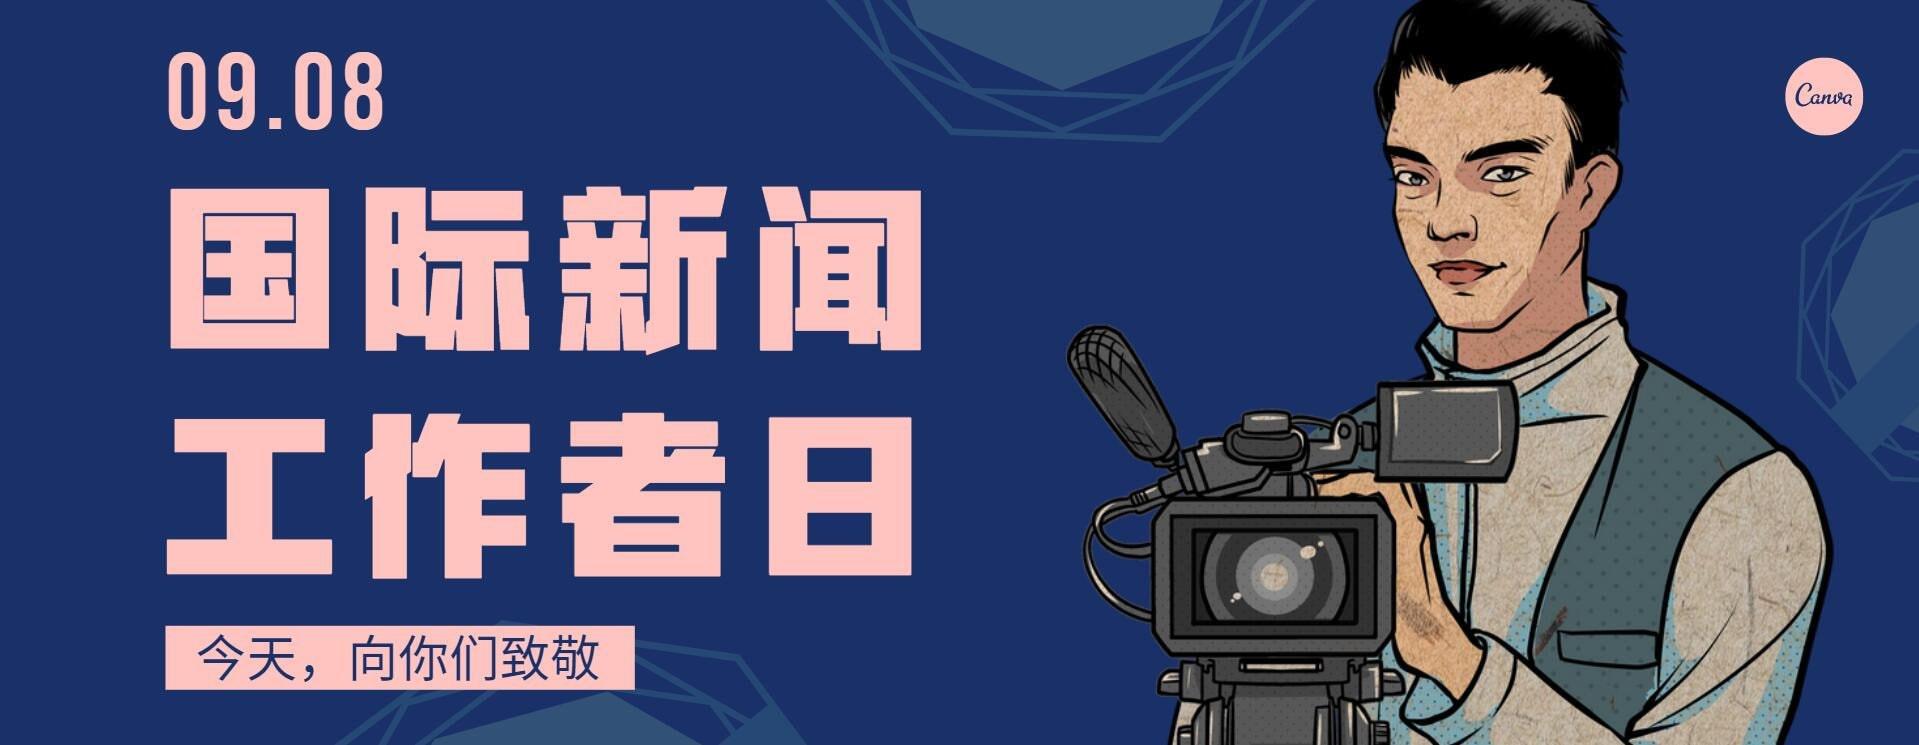 【国际新闻工作者日】致敬新闻工作者,为媒体人点赞!